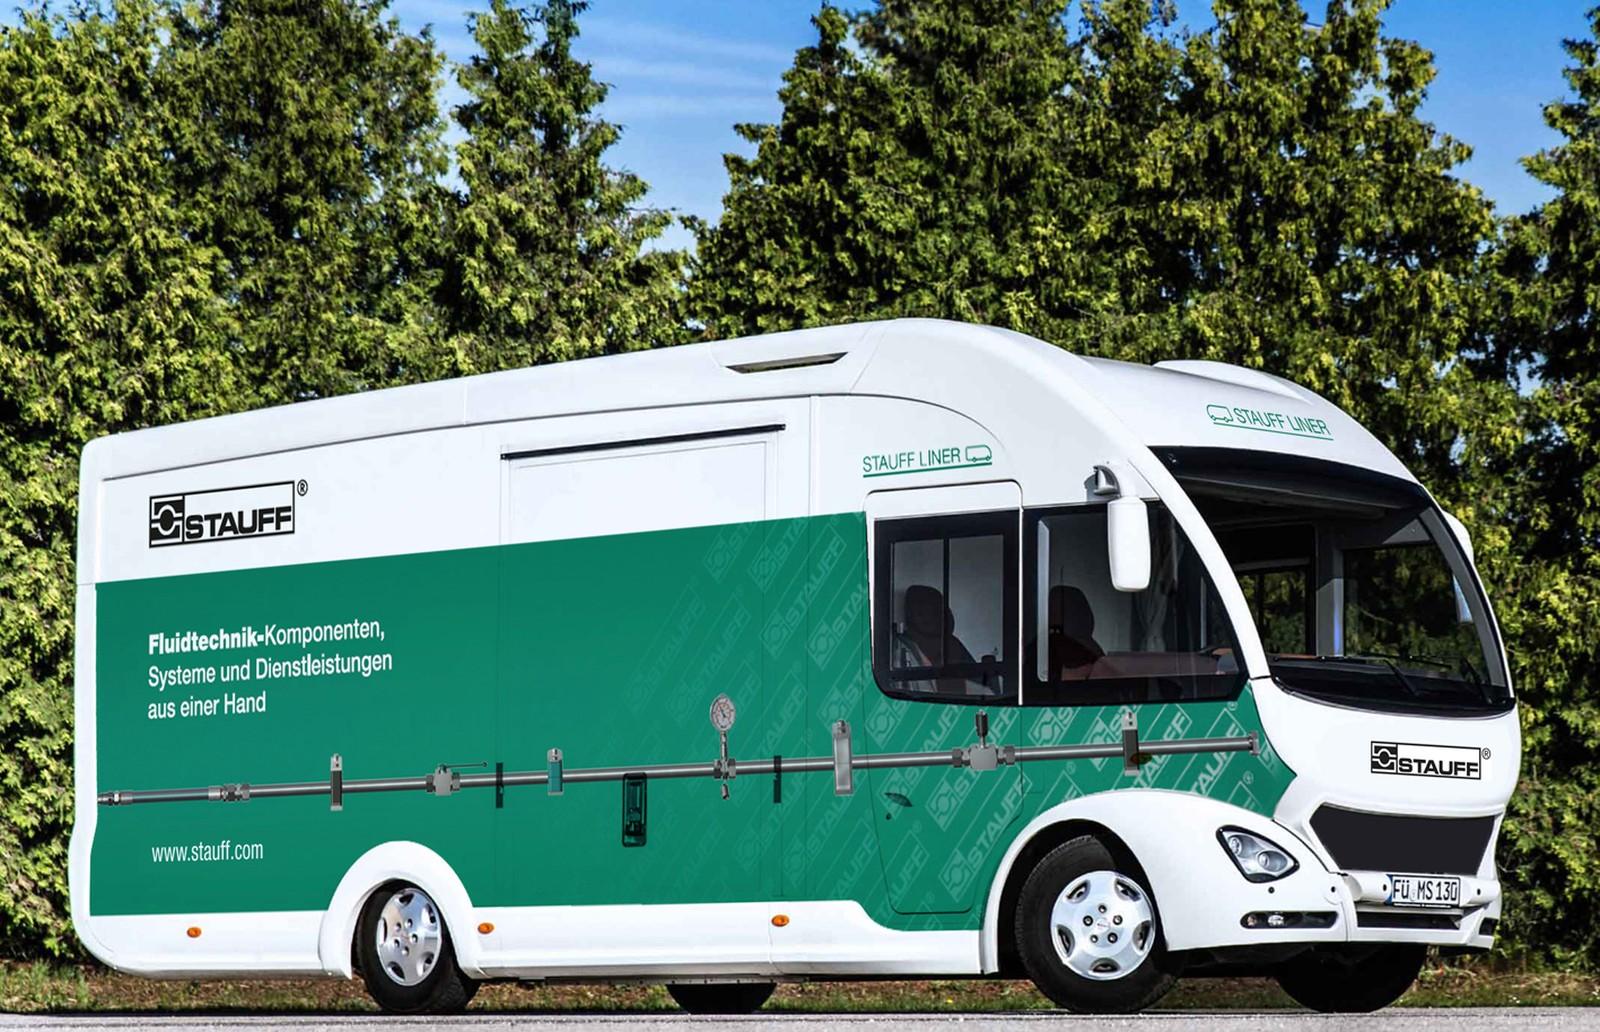 Das Präsentationsmobil von Stauff kann für Veranstaltungen in Deutschland und im angrenzenden Ausland gebucht werden.